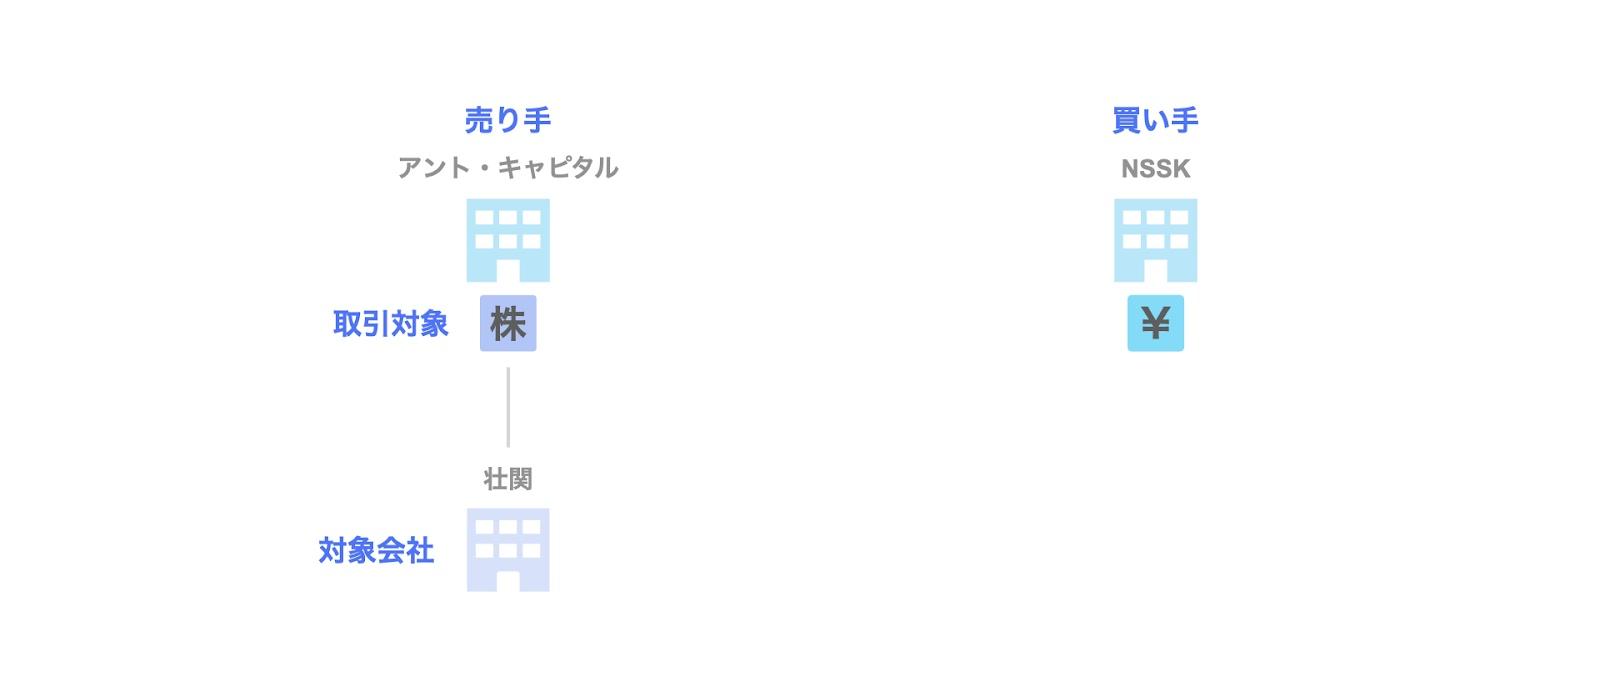 投資事例:日本産業推進機構(NSSK)による壮関への投資案件の関係者